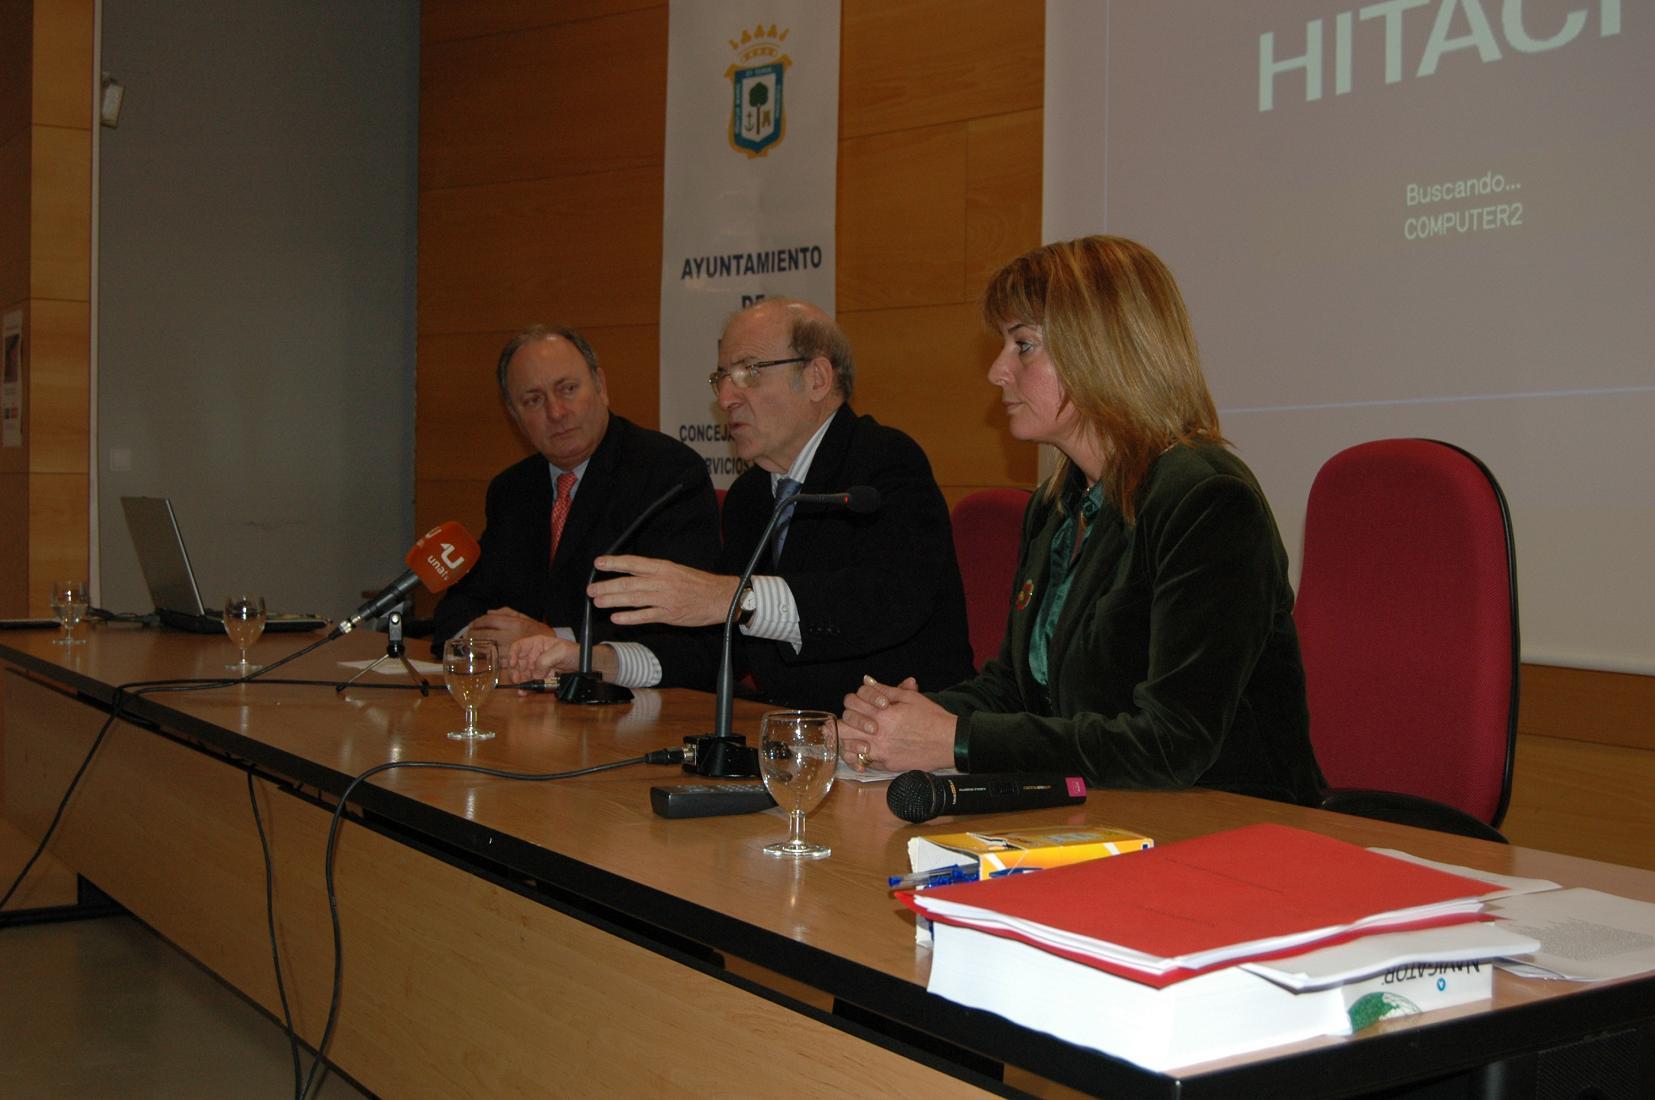 La inauguración de las jornadas corrió a cargo del alcalde de Huelva, el director de la Refinería La Rábida y la teniente de alcalde de Familia, Servicios Sociales y Juventud.